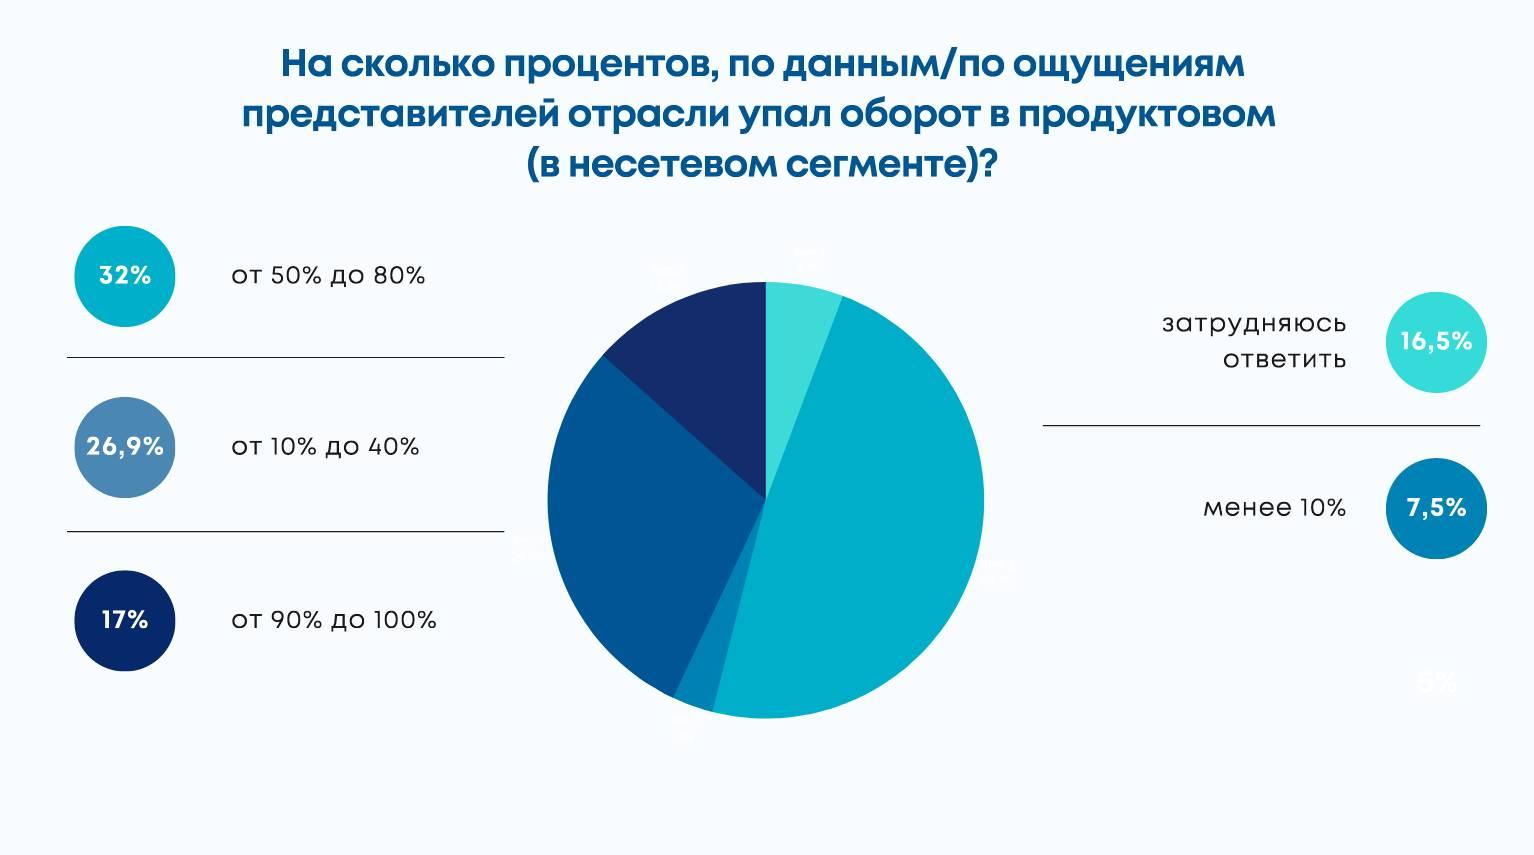 Как изменилось состояние торговли в РФ с момента начала кризиса